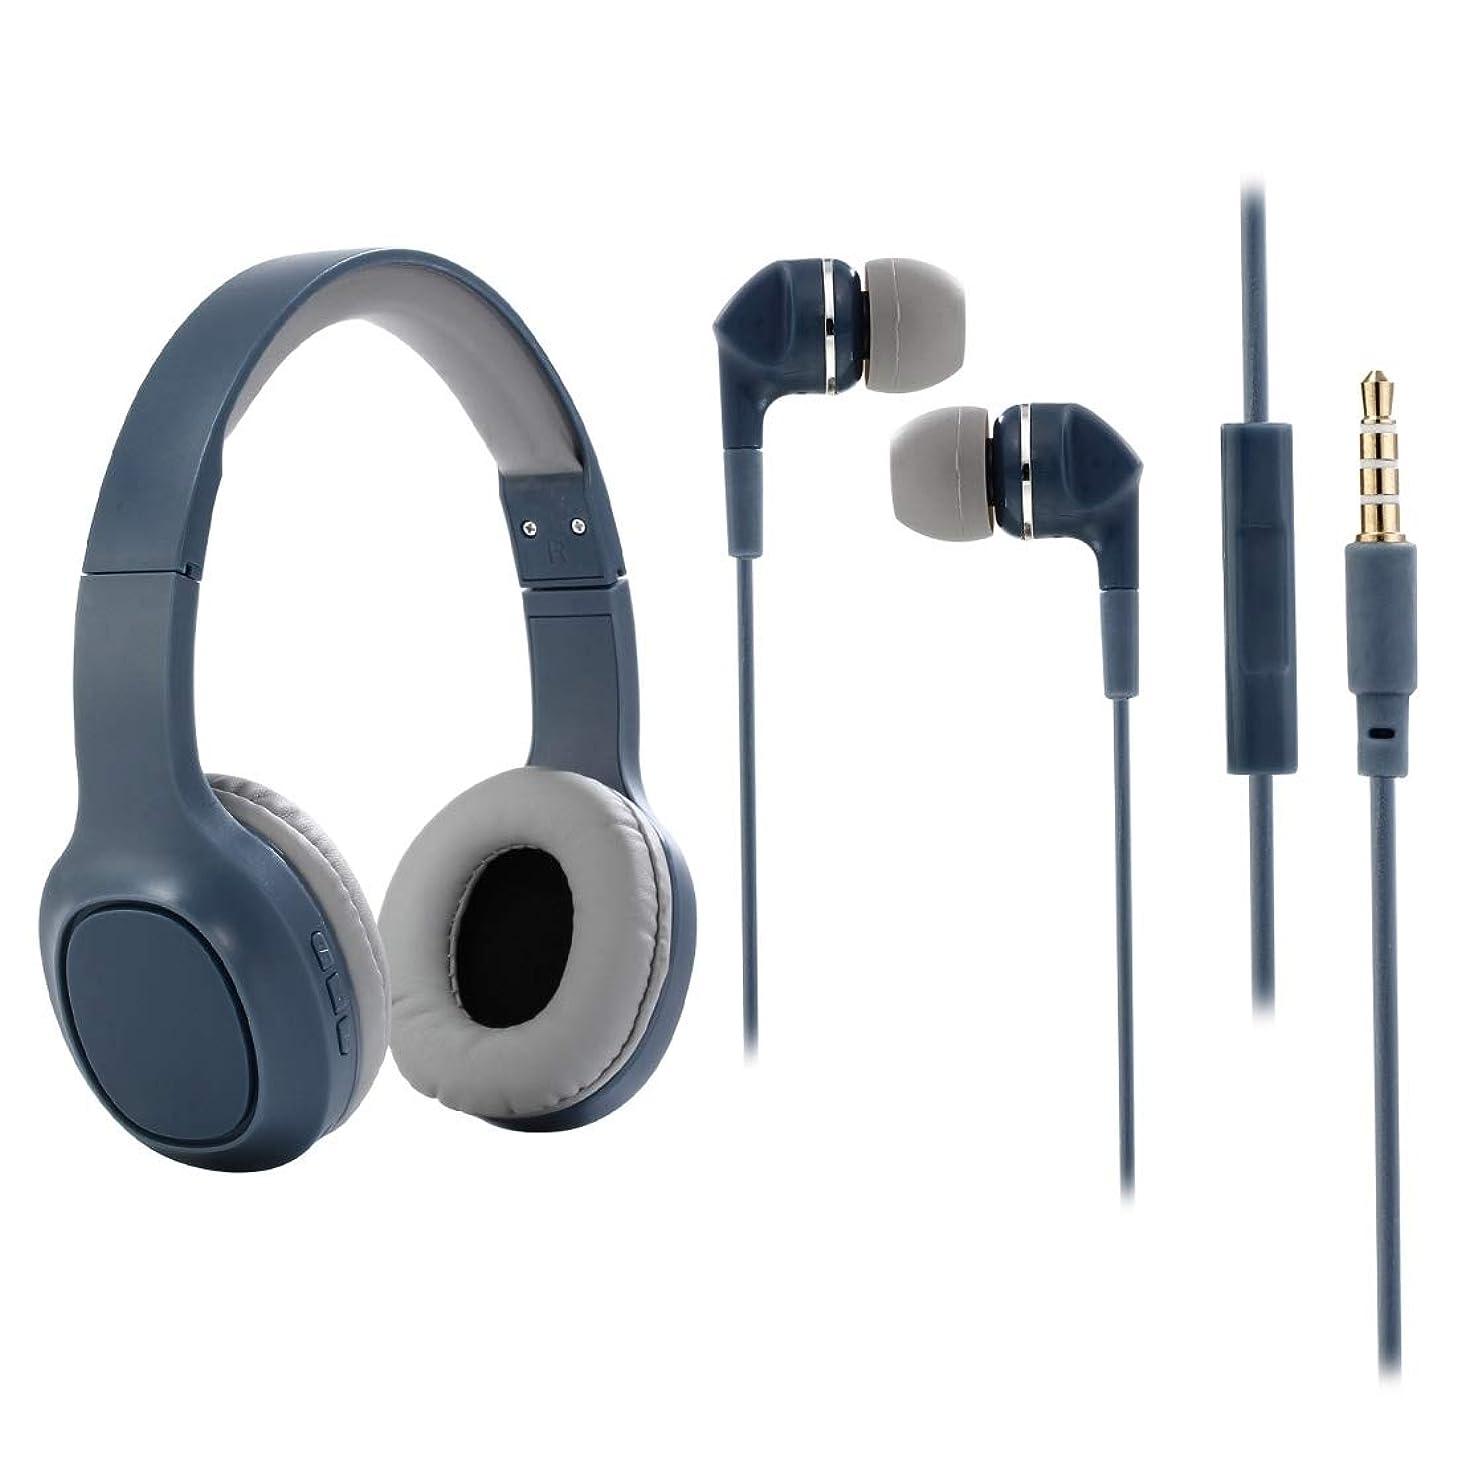 野心前述のひらめきワイヤレスBluetoothヘッドセット LLP Z3-05カードの電話小型ワイヤレスBluetoothヘッドセットステレオヘッドフォンを頭にマウント(アーミーグリーン) (色 : Blue)